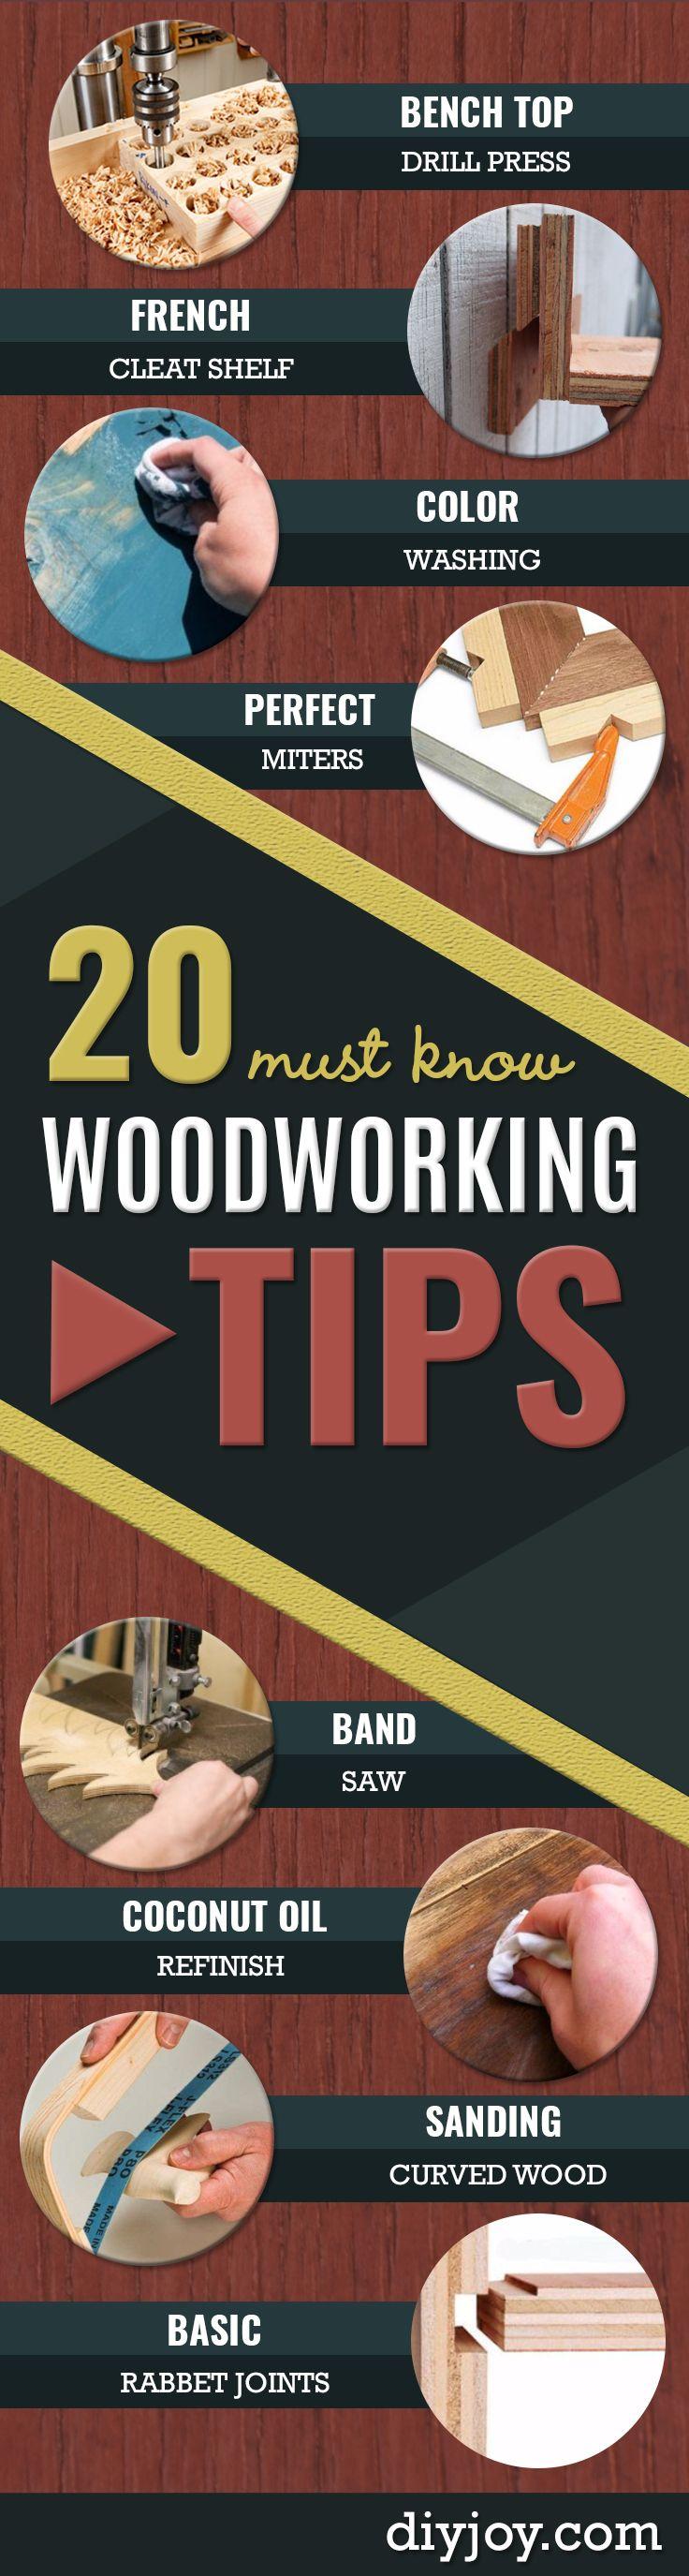 Круто Деревообрабатывающими советы - простой Деревообработка идеи, Деревообработка советы и хитрости, Деревообработка советы для новичков, базовое Руководство для деревообработки http://diyjoy.com/diy-woodworking-tips